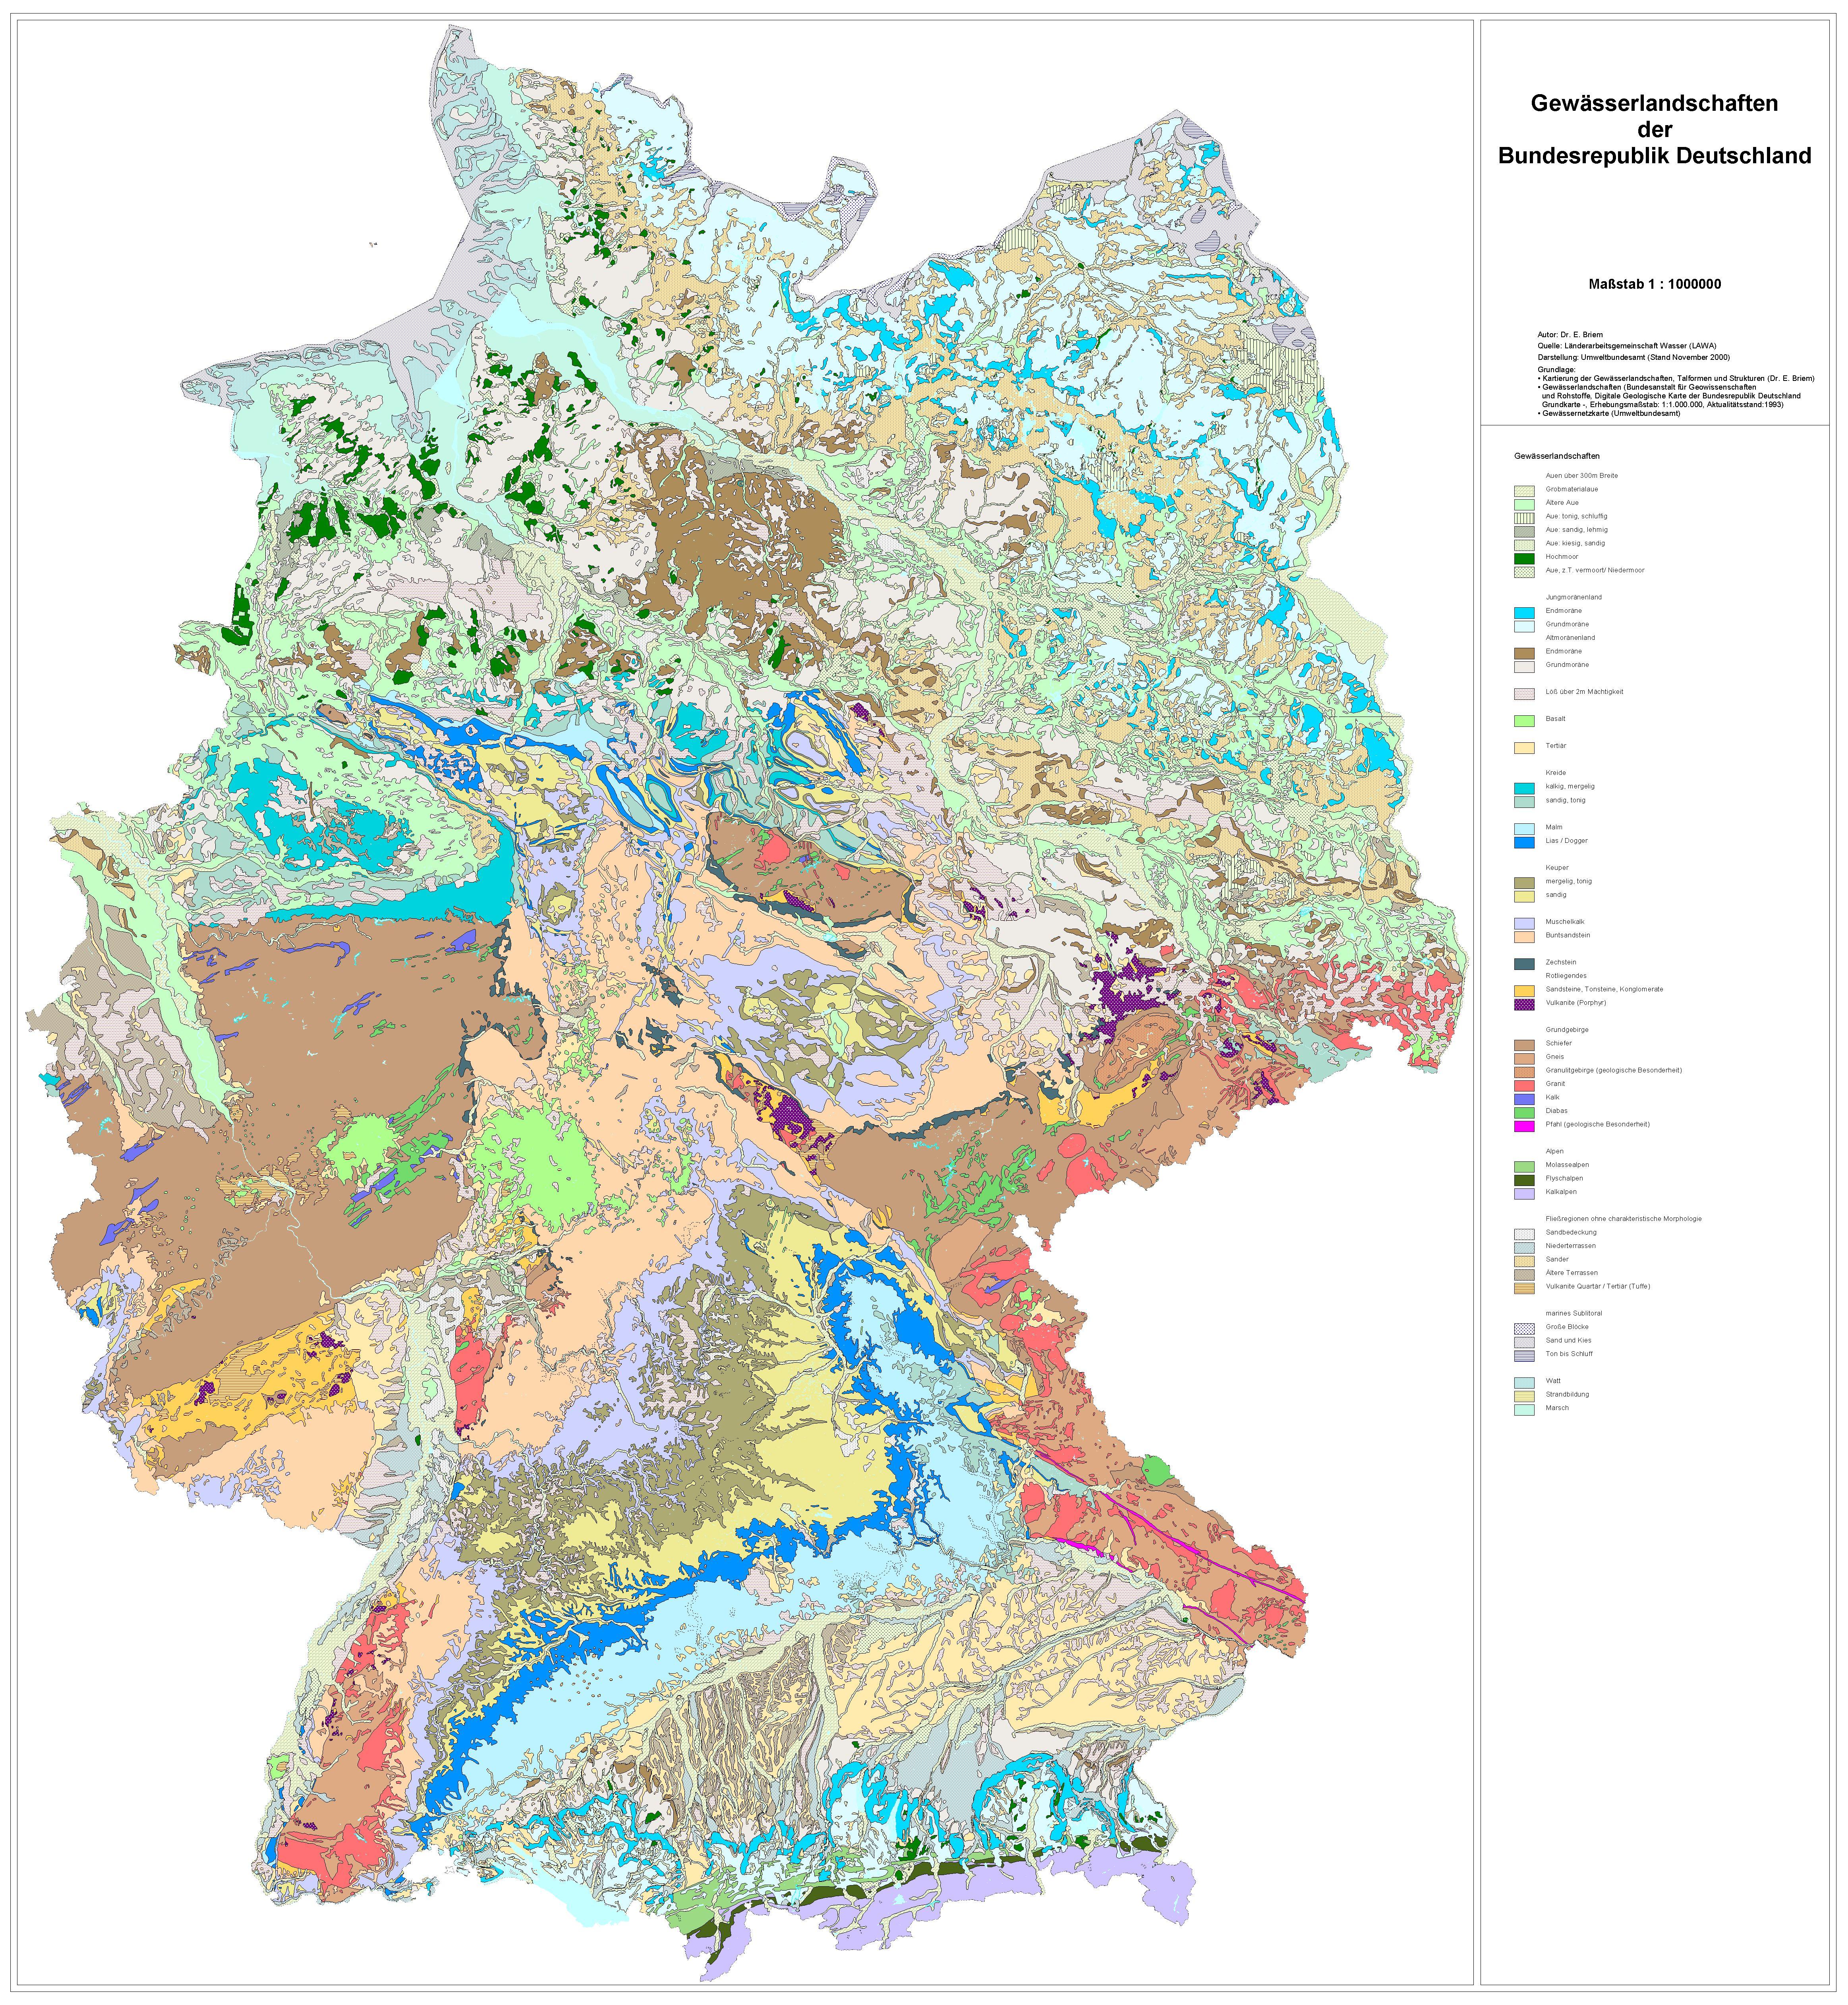 Gewässerlandschaften der Bundesrepublik Deutschland